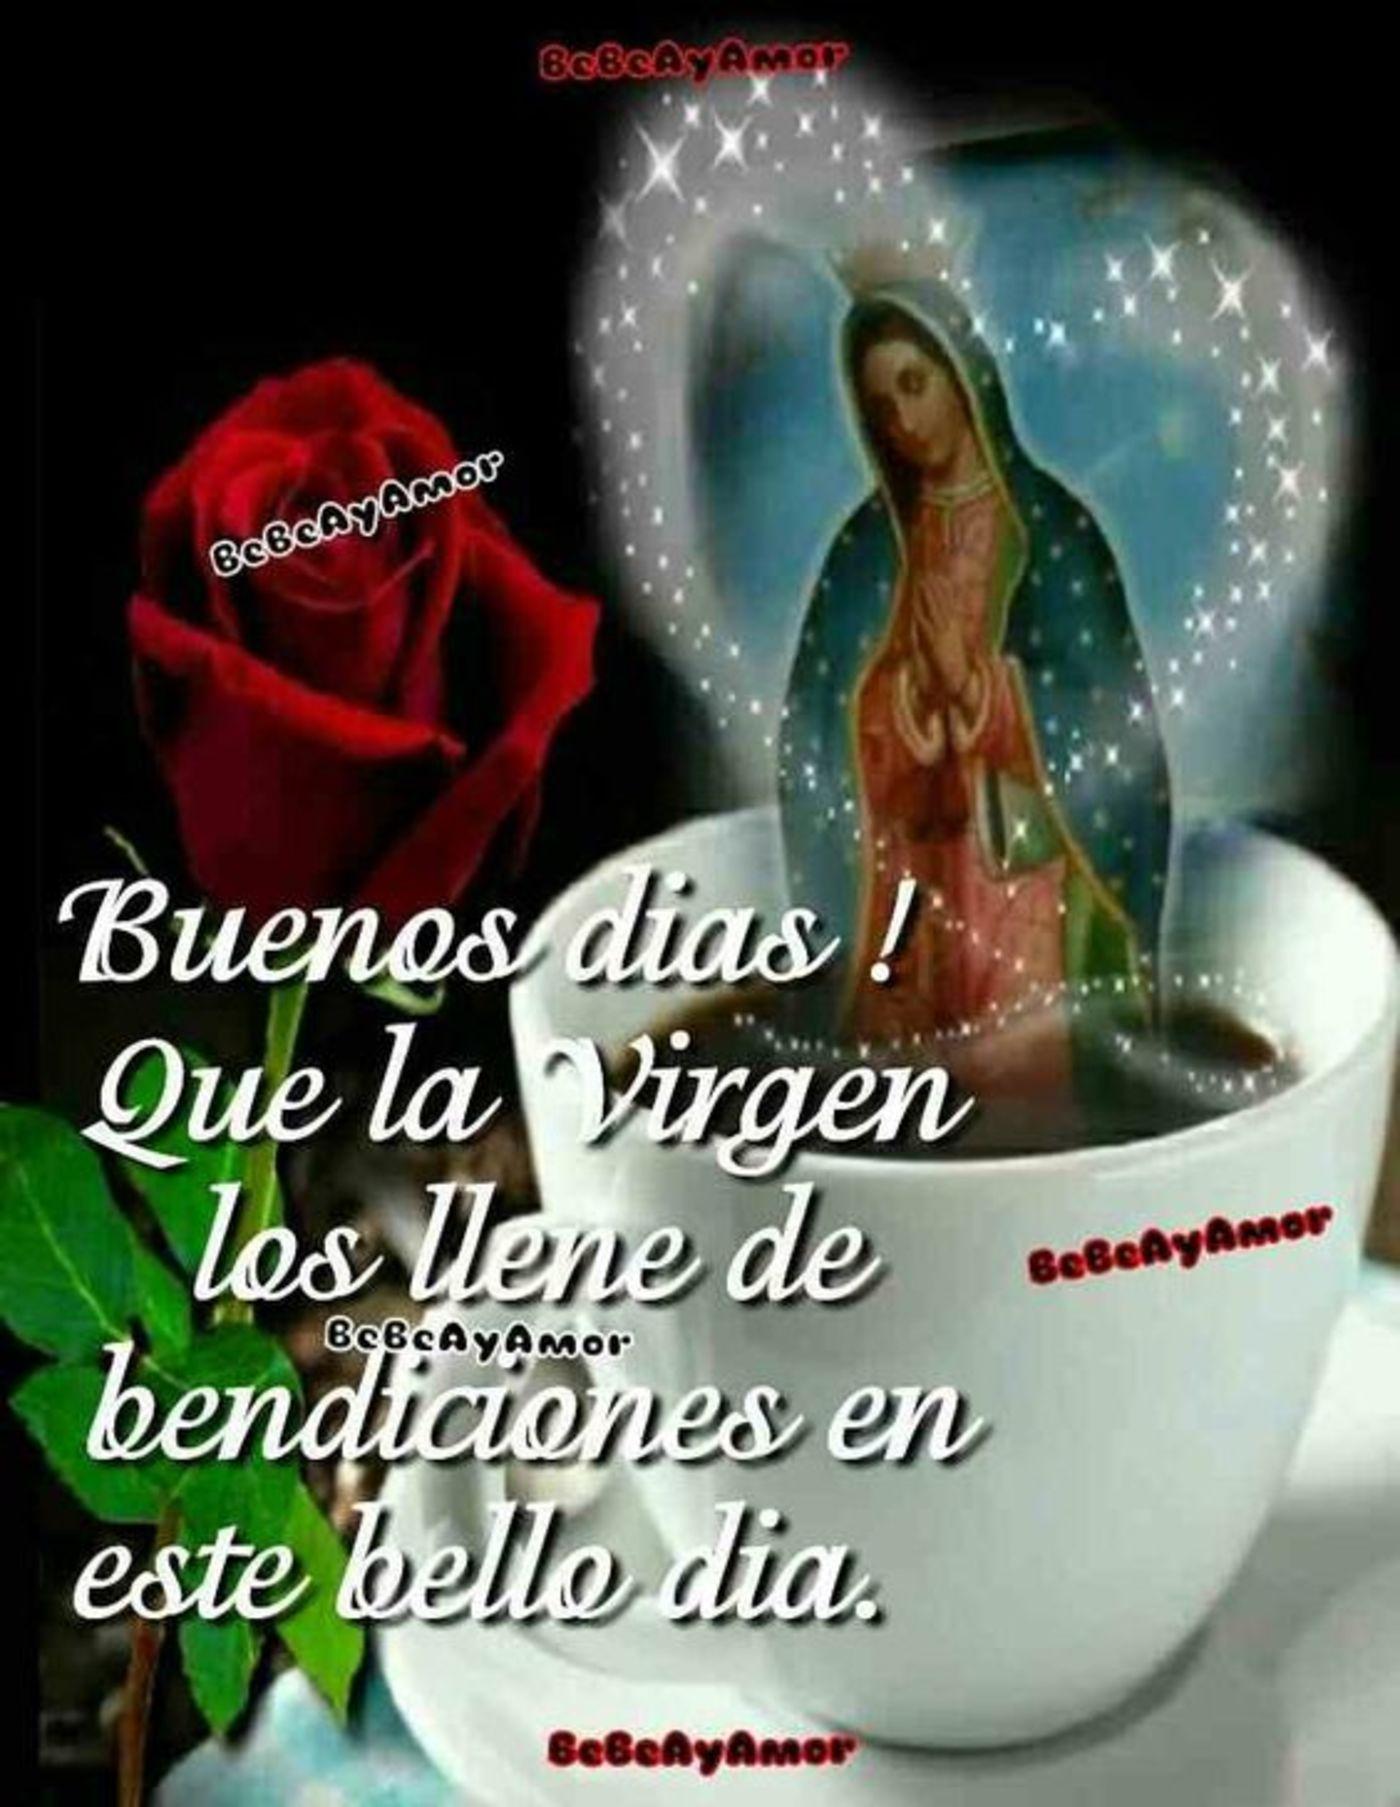 Que la Virgen los llene de bendiciones en este bello día